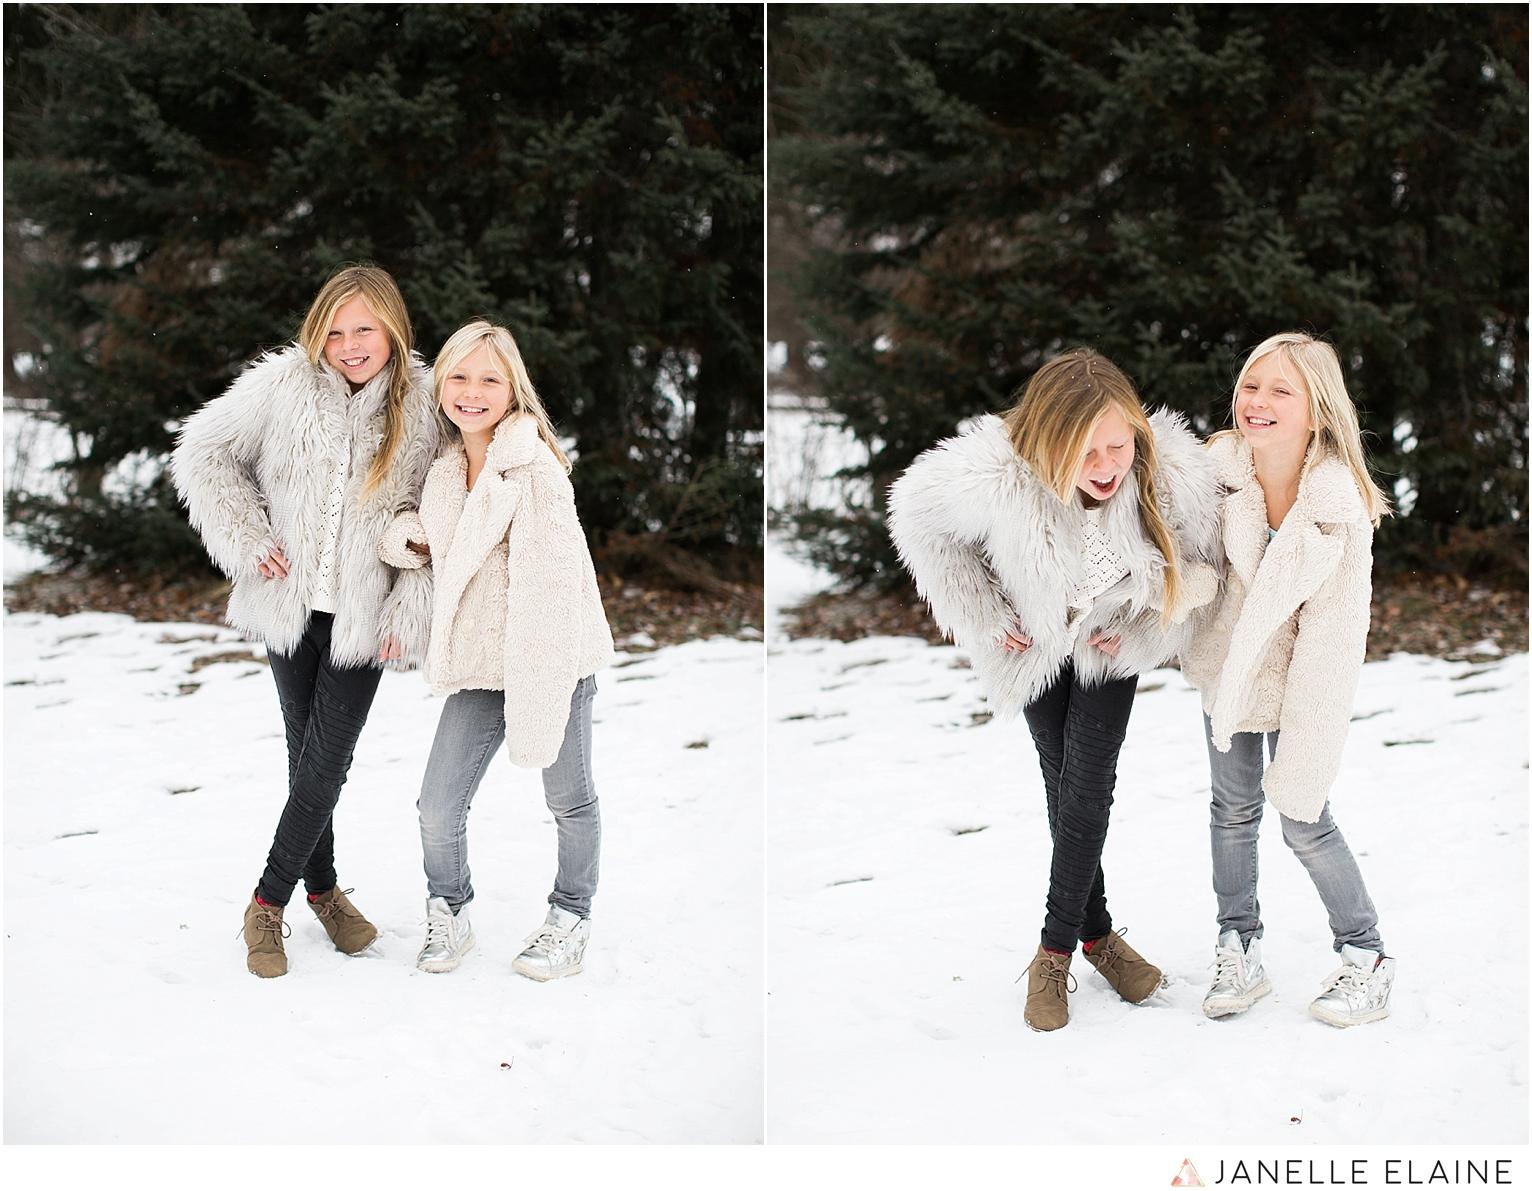 seattle-washington lifestyle photographer-janelle elaine-callie and char-21.jpg